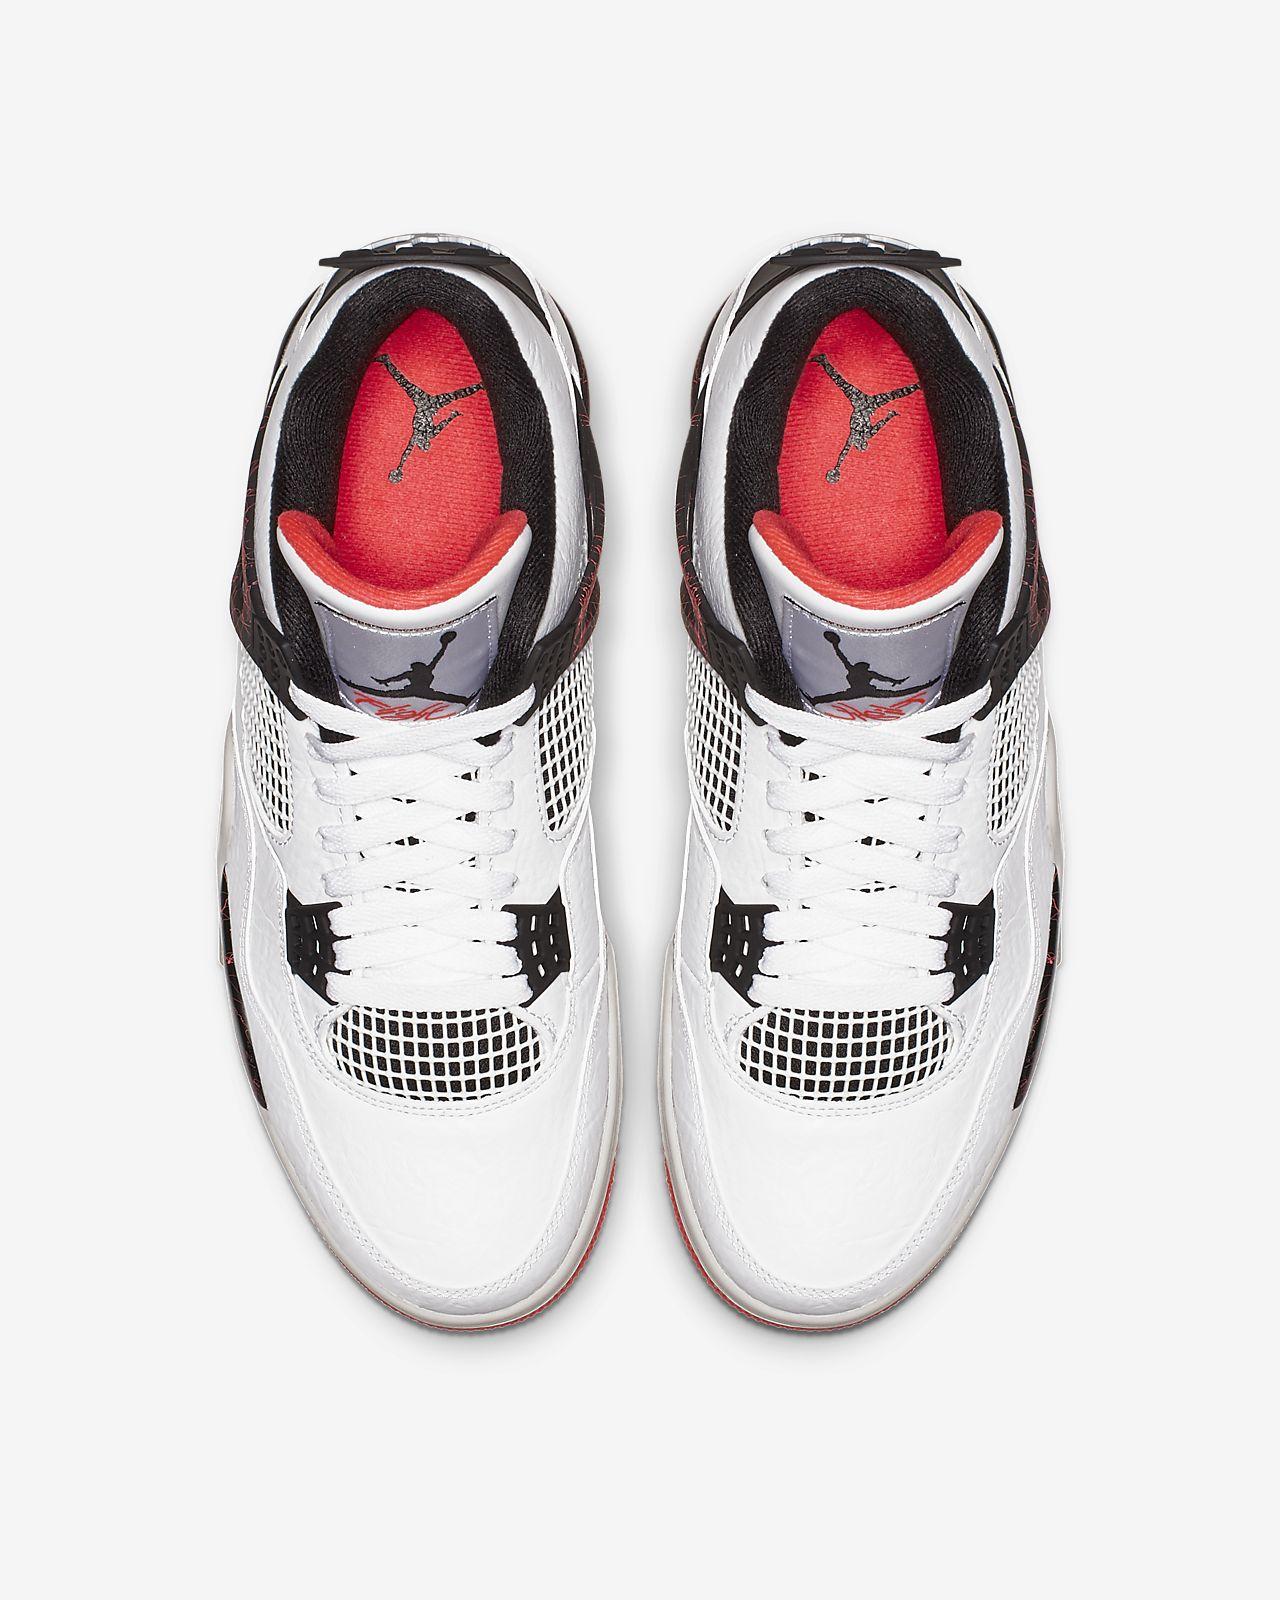 28386584dbaf3 Air Jordan 4 Retro Zapatillas - Hombre. Nike.com ES